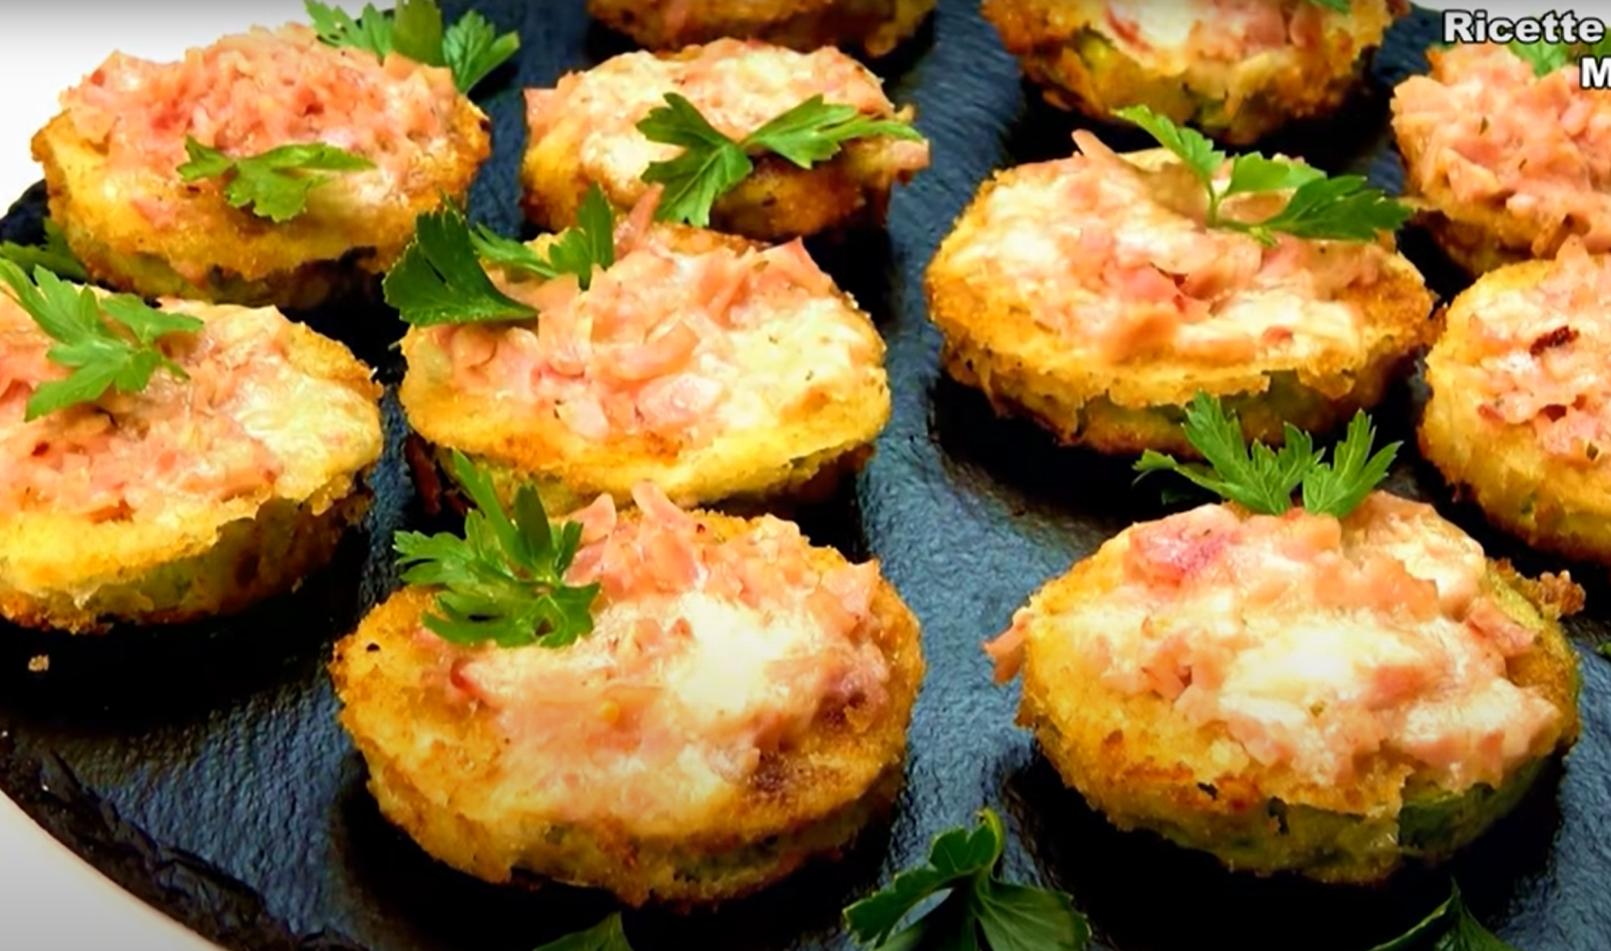 Быстрая и вкусная закуска — кабачки в панировке, запеченные с ветчиной и сыром